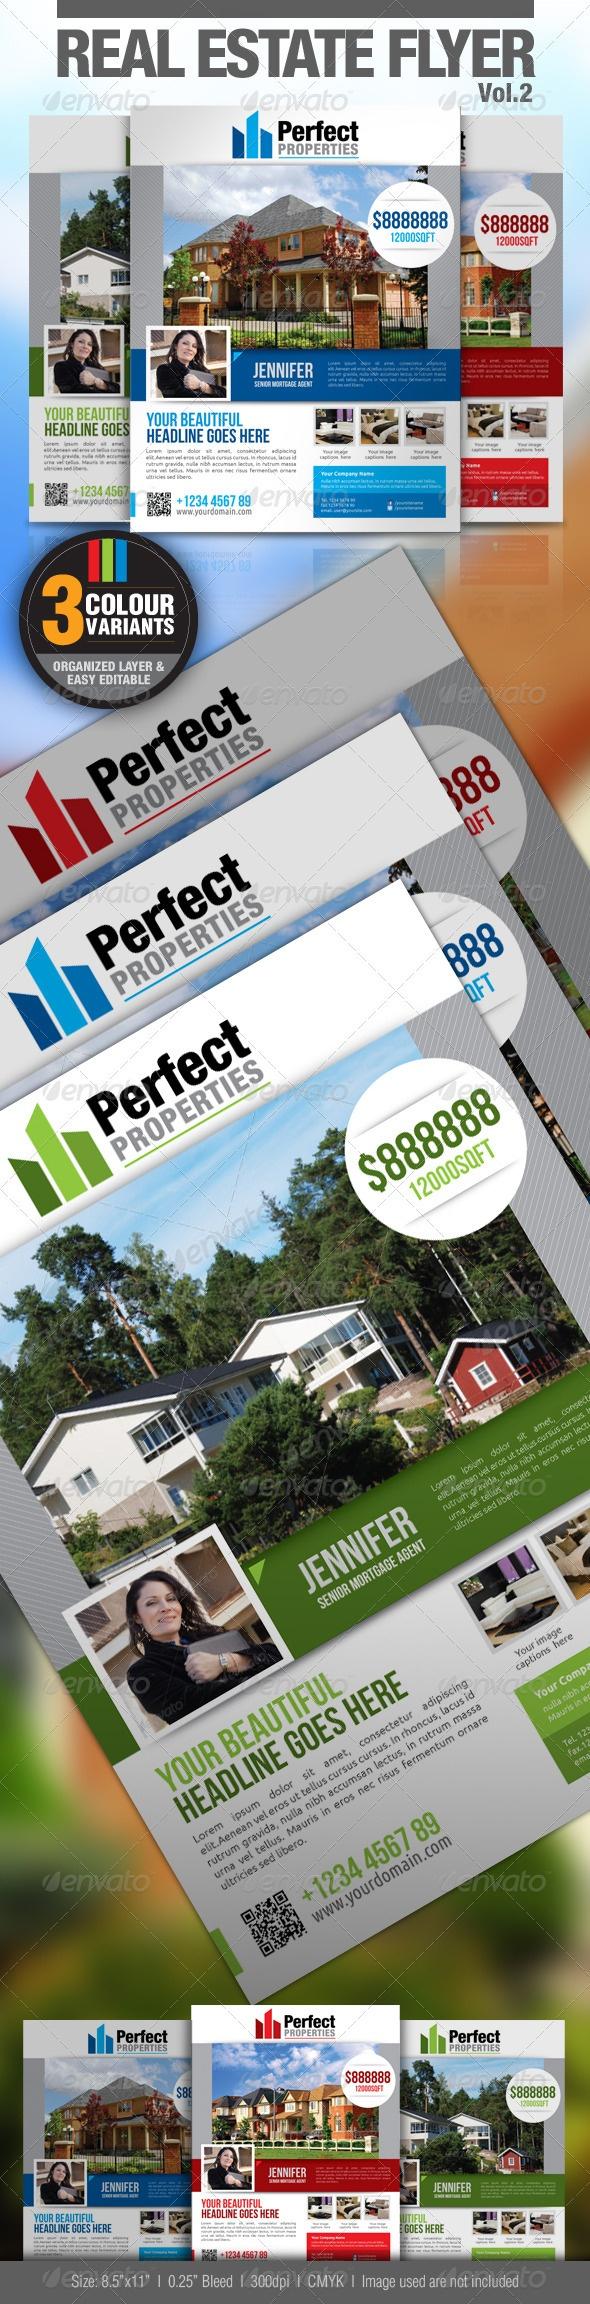 Best Real Estate Brochures Images On   Brochures Real